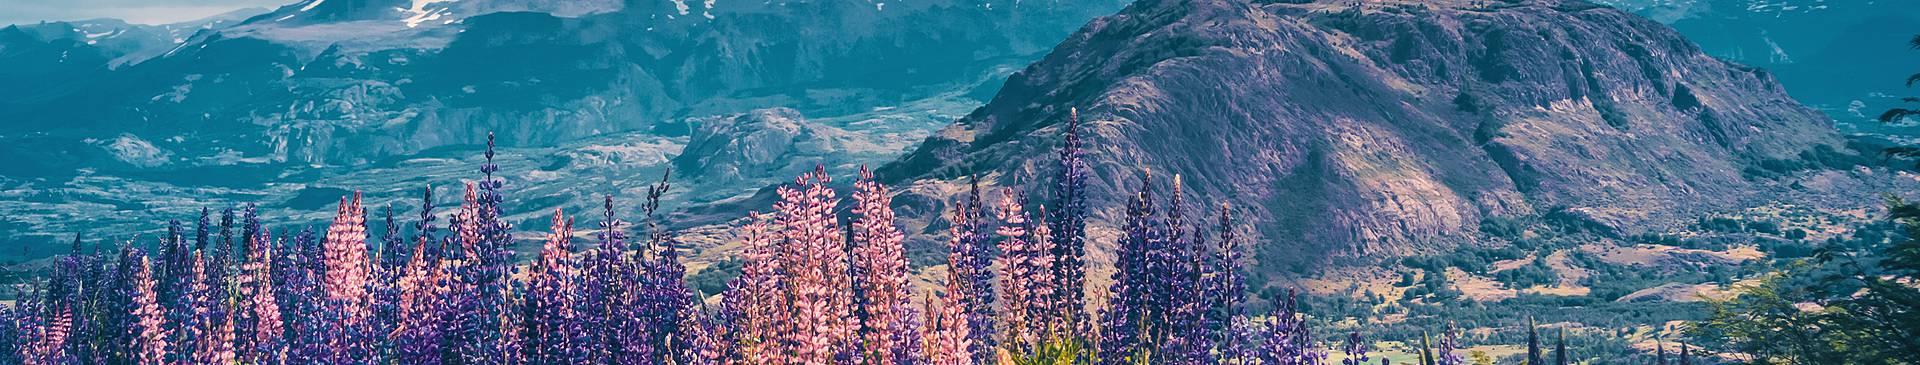 Patagonia in Spring